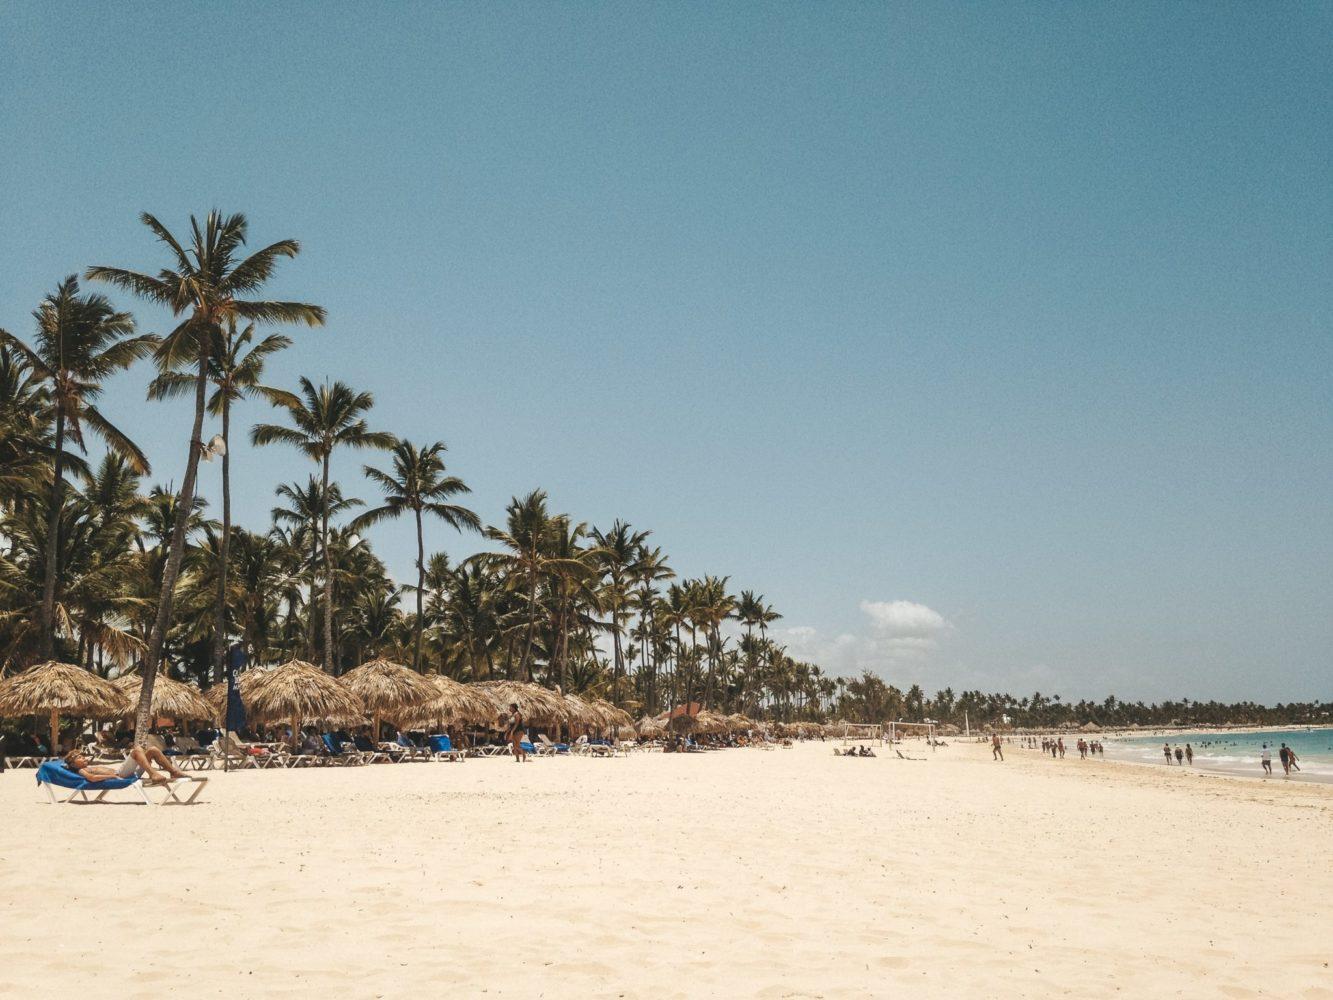 La plage de sable fin de Punta Cana